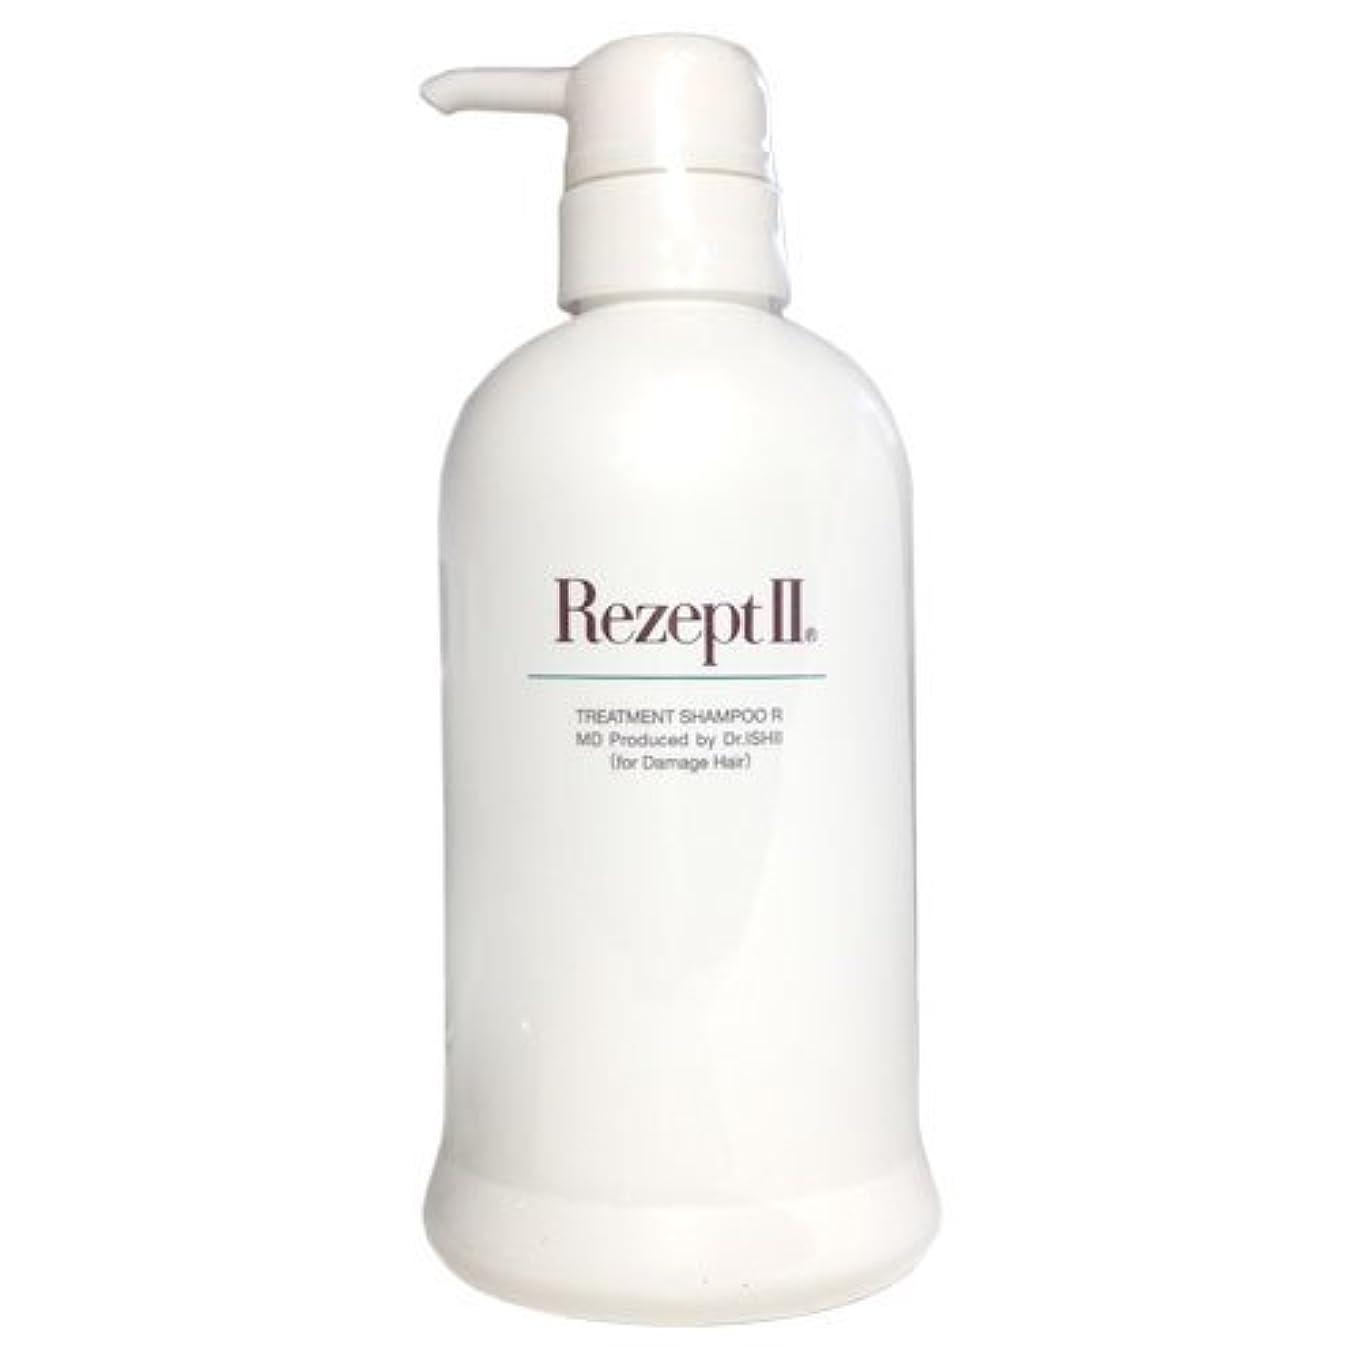 免疫するクリープ吐くMD化粧品 レセプト2 トリートメントシャンプーR 500ml(ダメージヘア用)